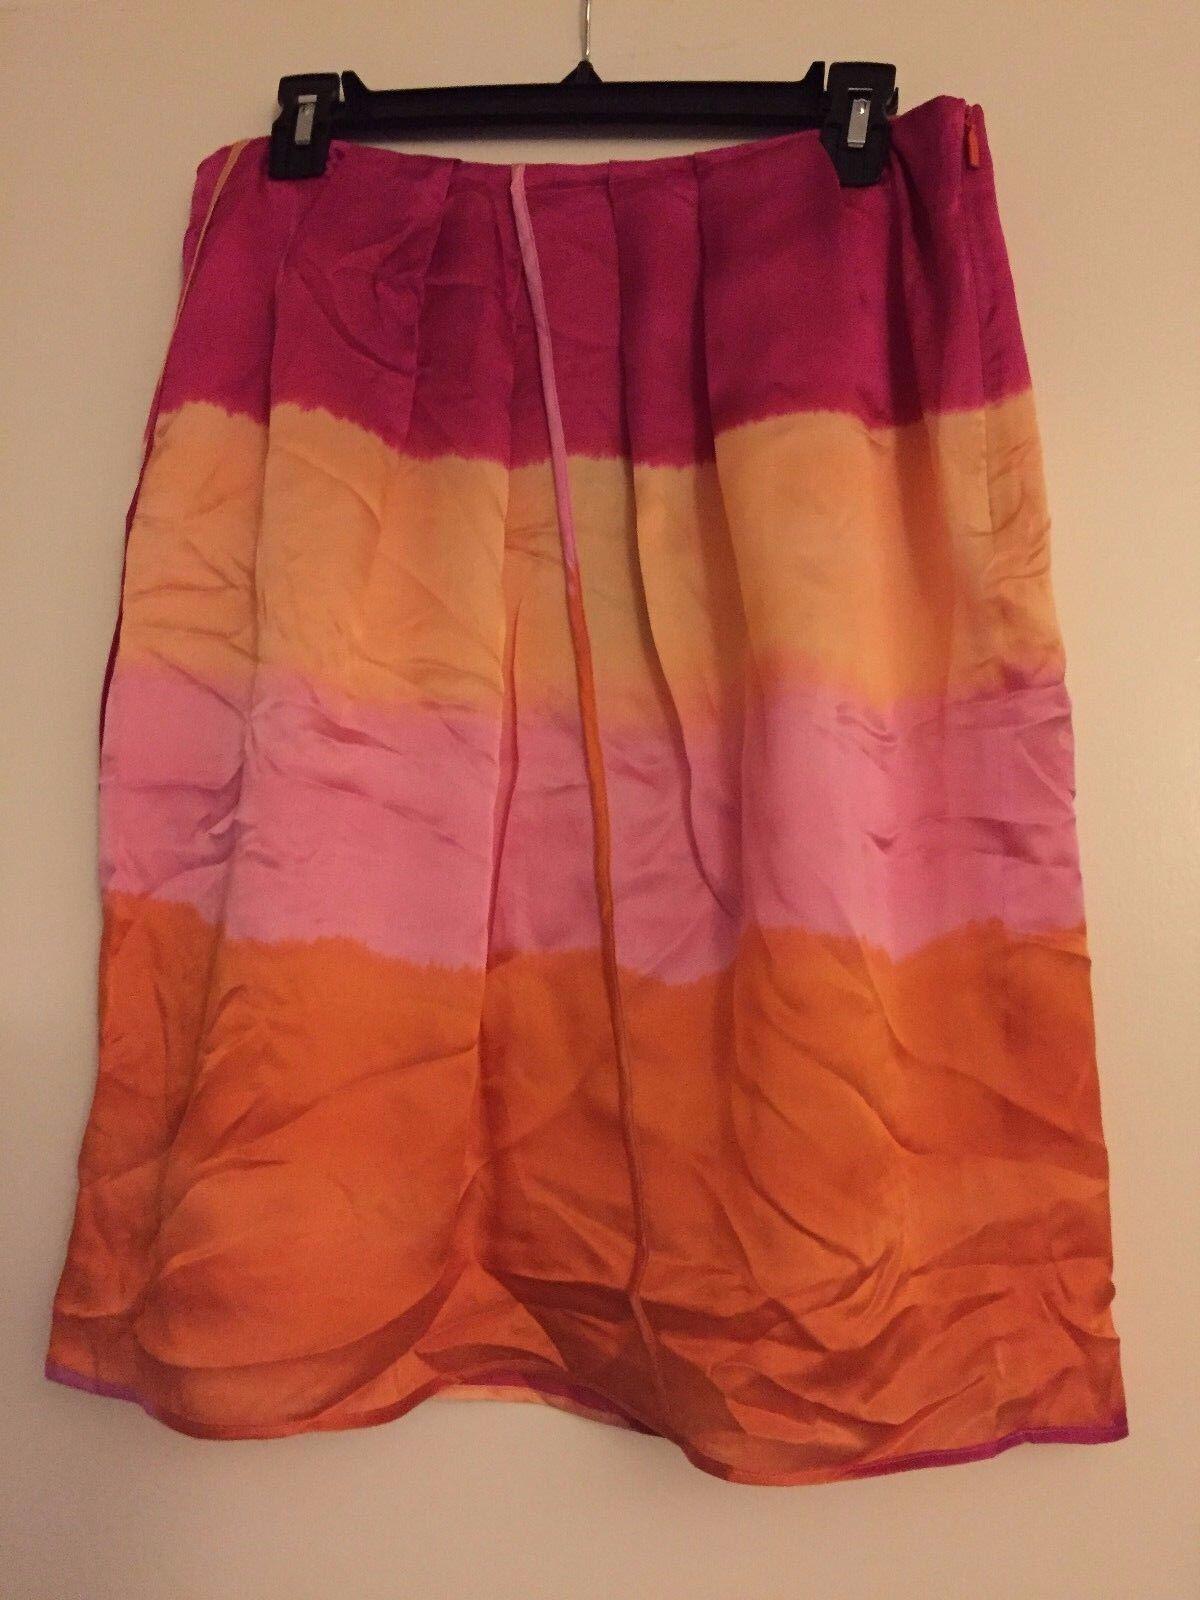 NWT BOSS by Hugo Boss Silk Skirt Vallorca1  314 – US 10